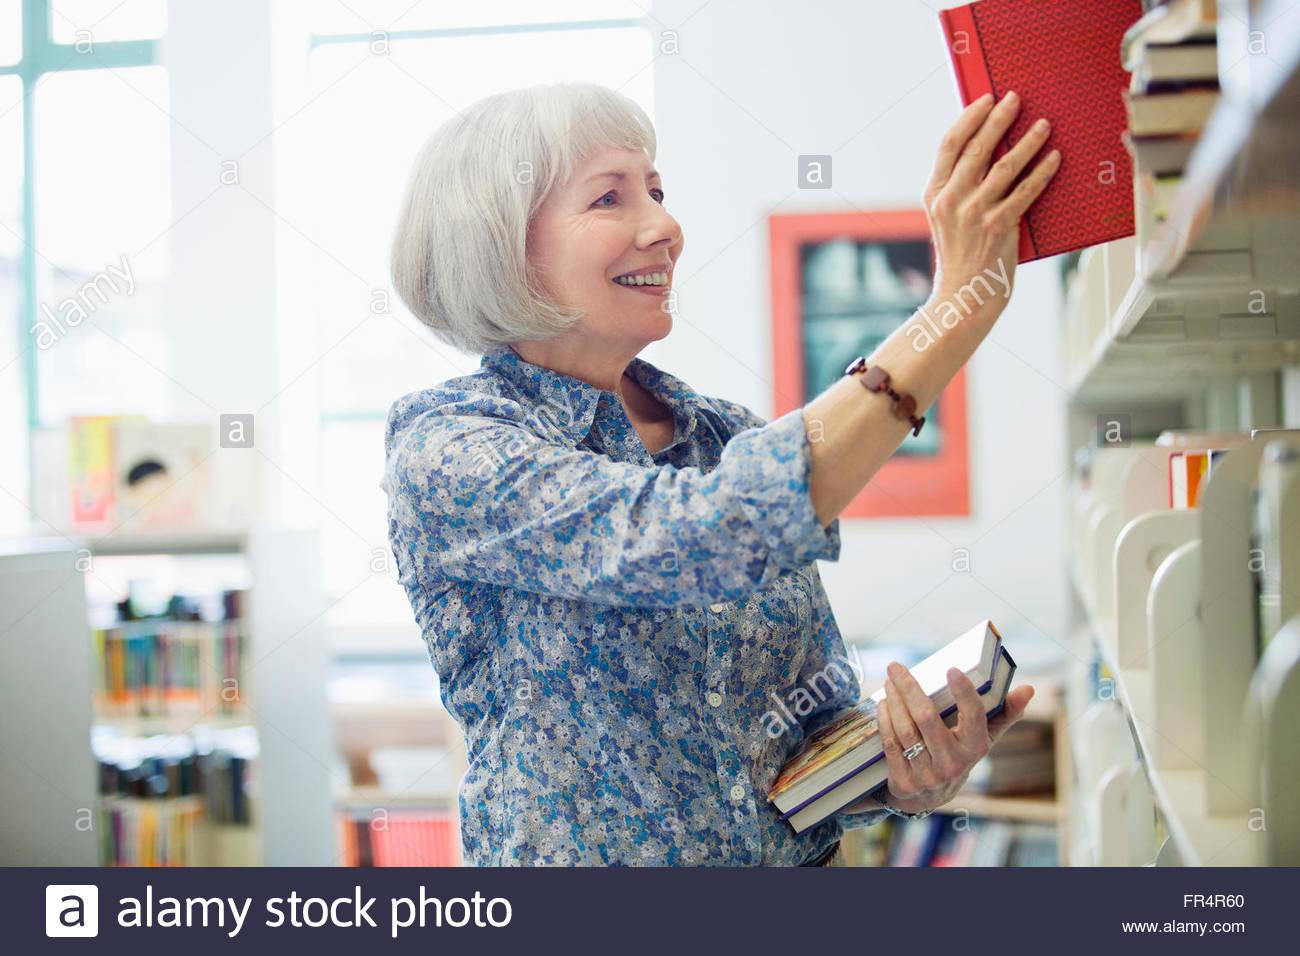 Insegnante restituendo libri a scaffale Immagini Stock